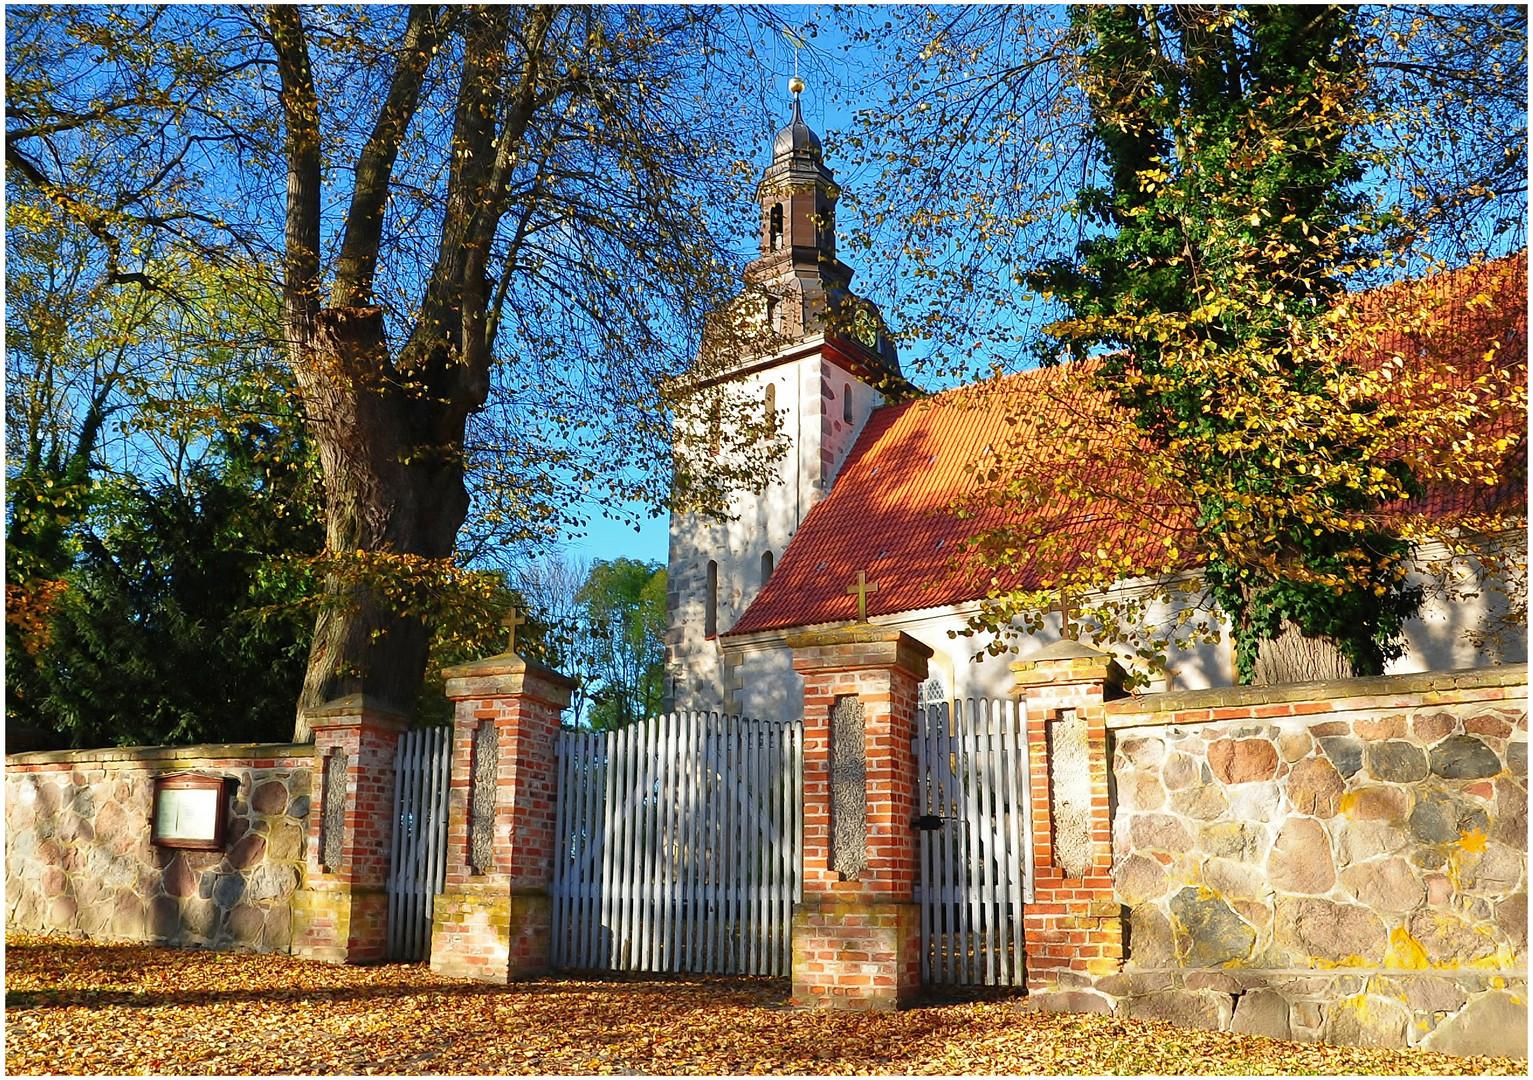 St. Andreas Kirche in Nehringen